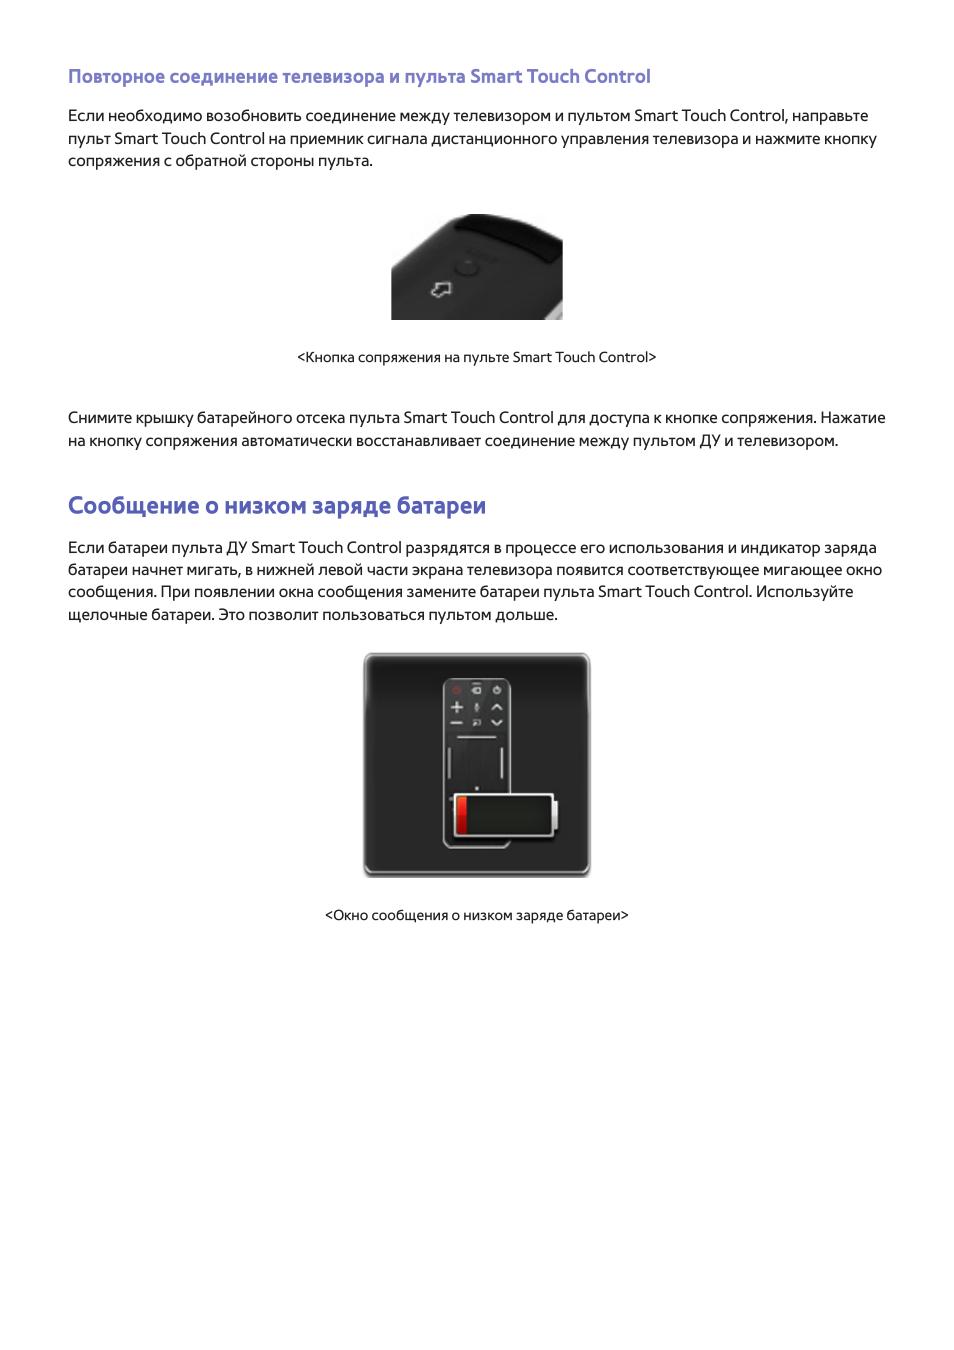 Control, 42 сообщение о низком заряде батареи, Сообщение о низком заряде батареи Инструкция по эксплуатации Samsung UE75F6300AK